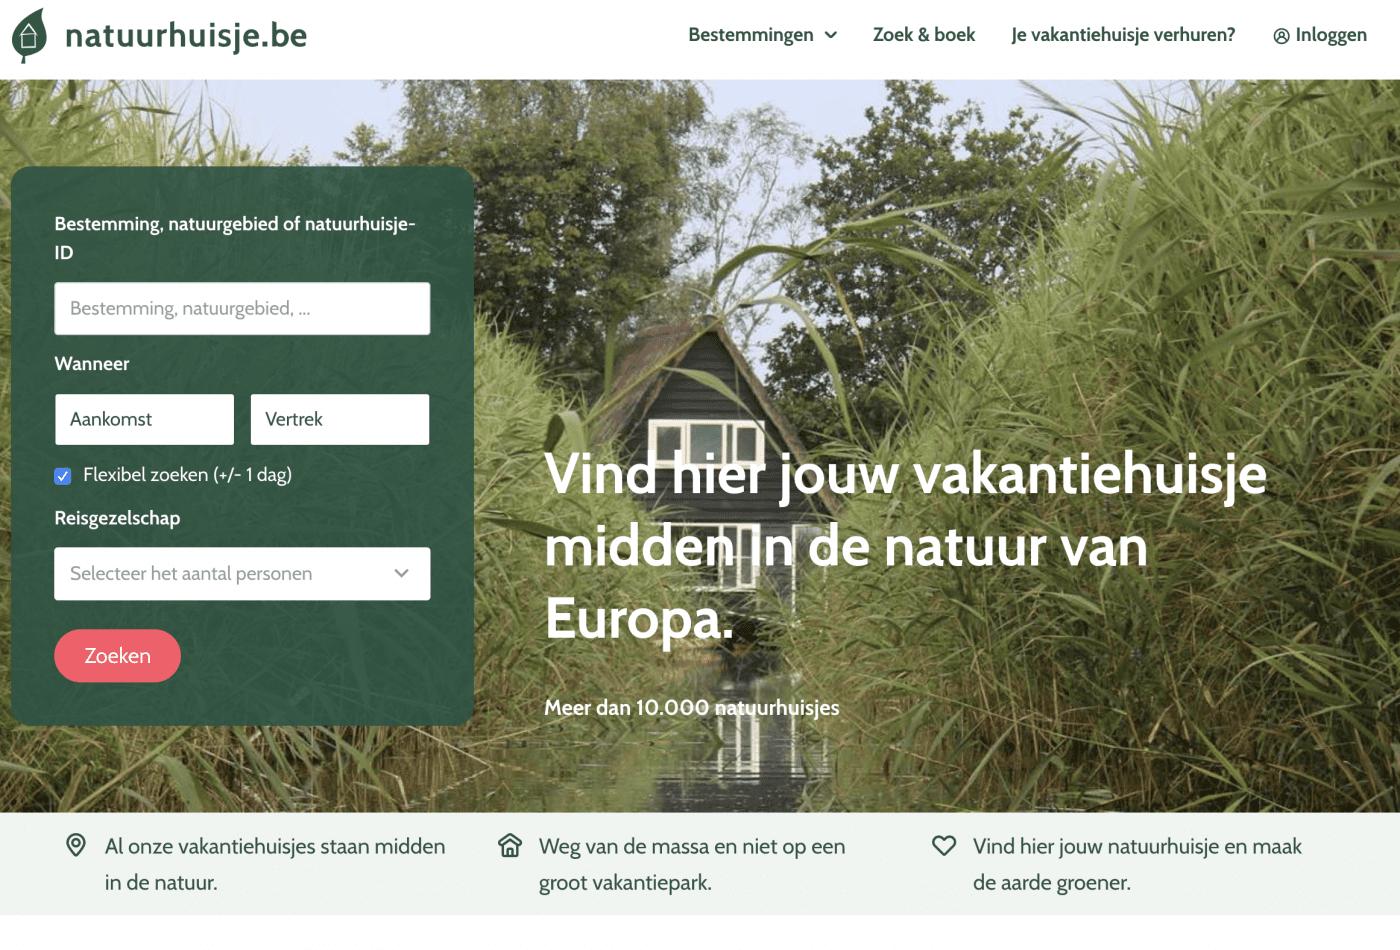 Een huisje huren in Europa met Natuurhuisje